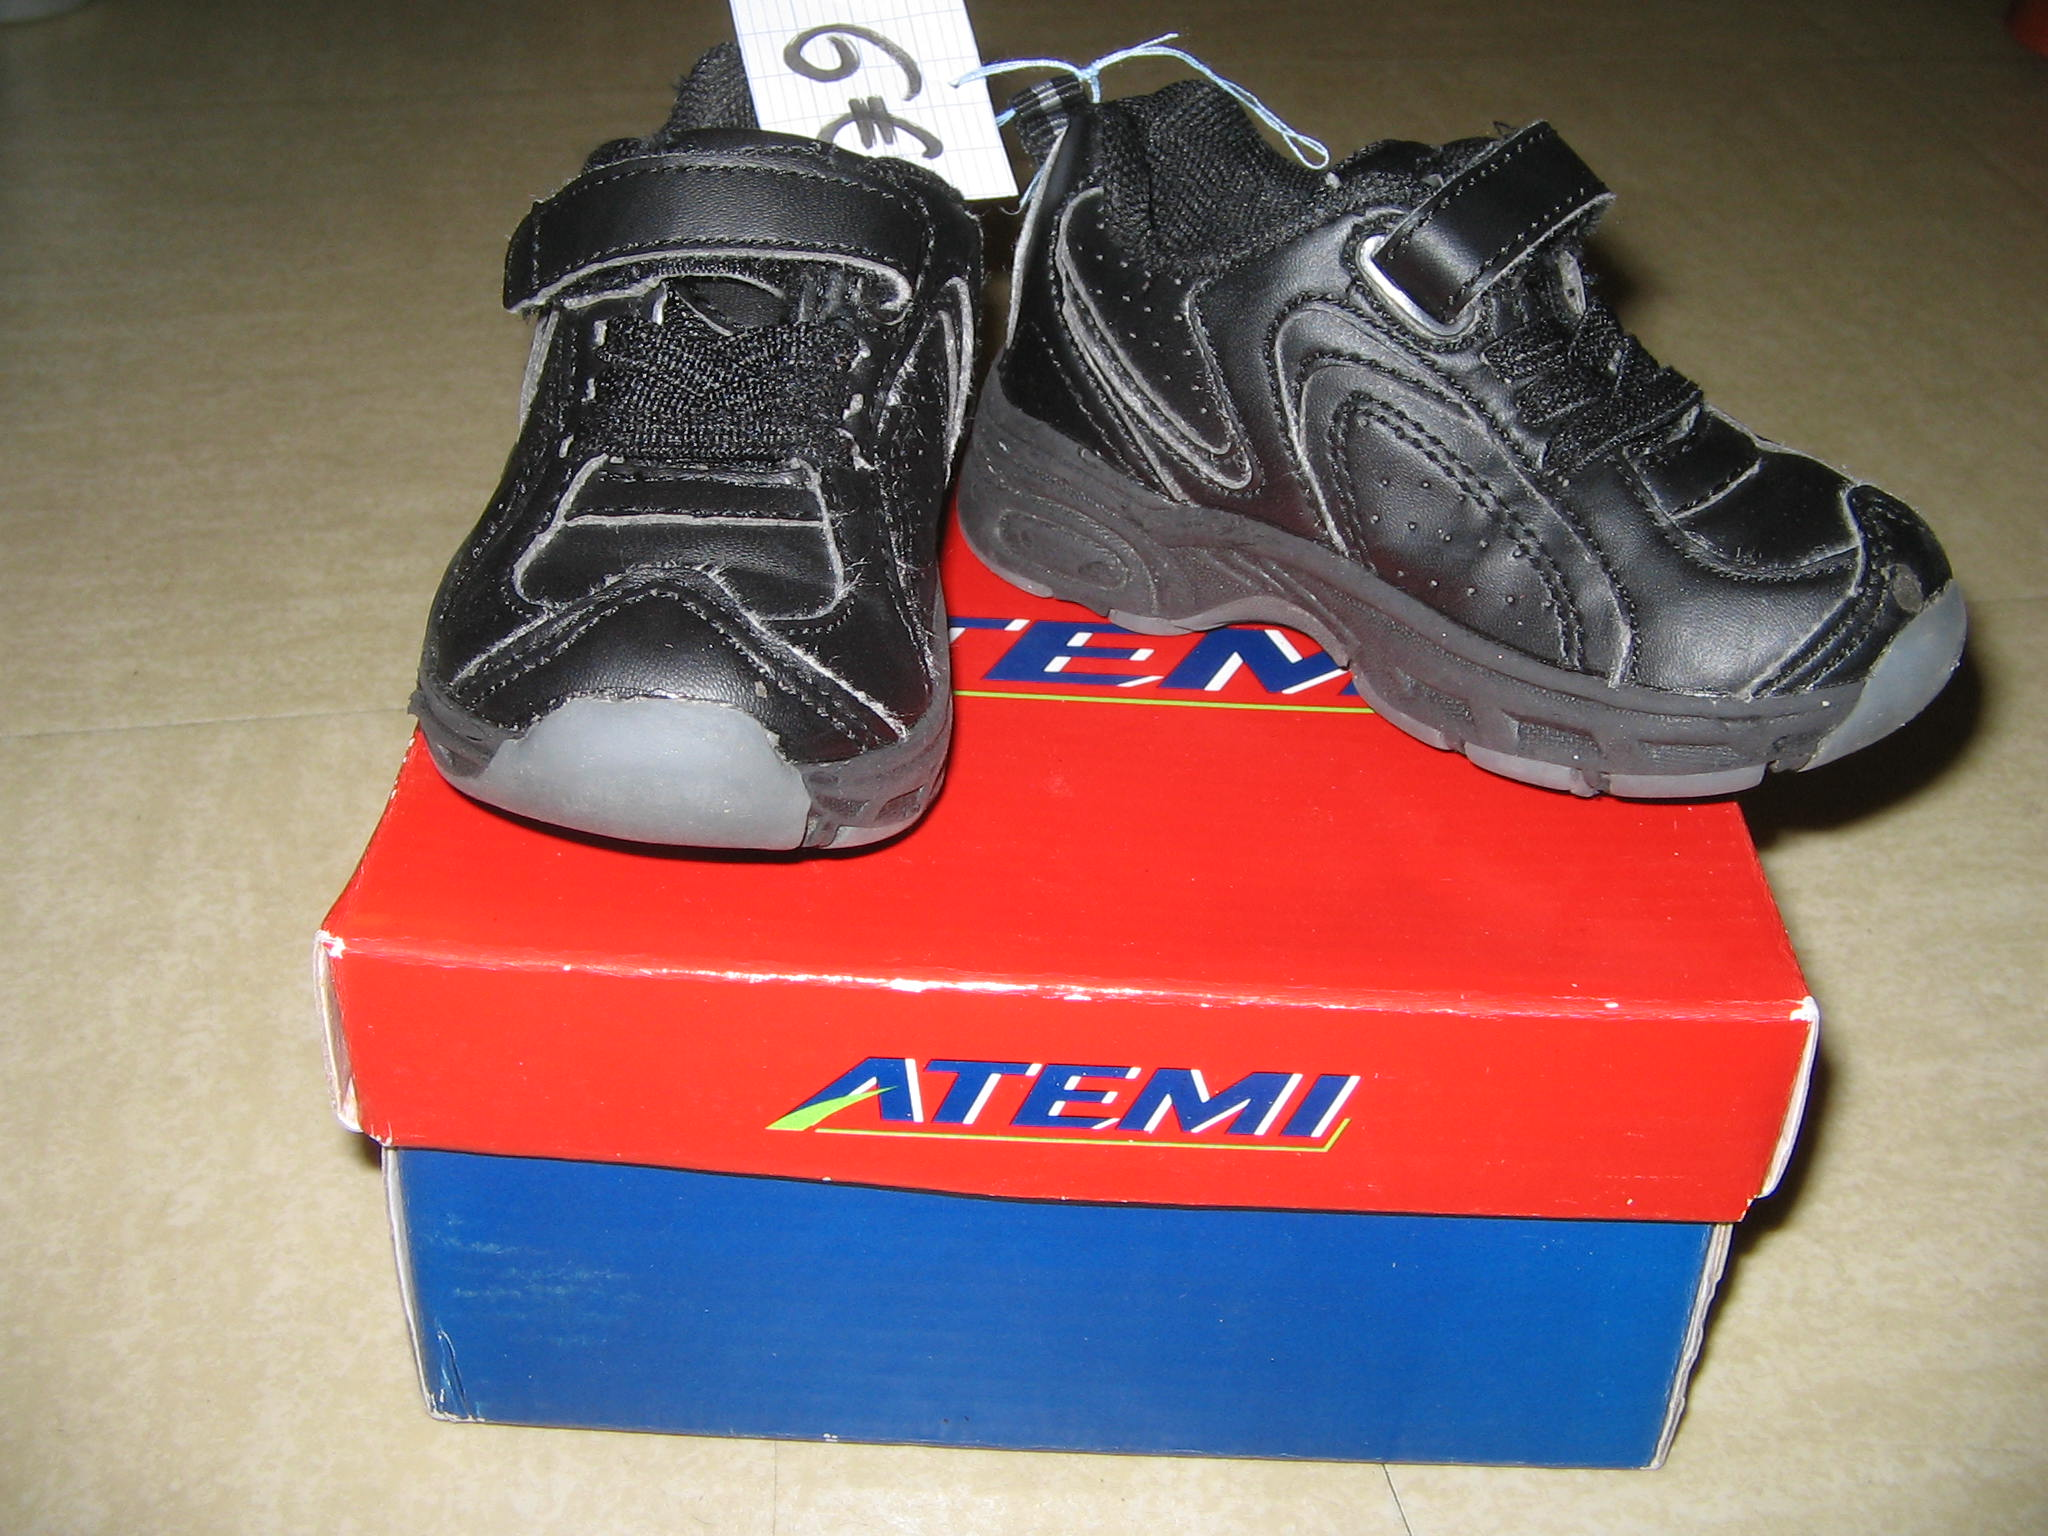 atemi chaussures atemi chaussures chaussures chaussures atemi chaussures chaussures atemi atemi atemi 5qawY6x6